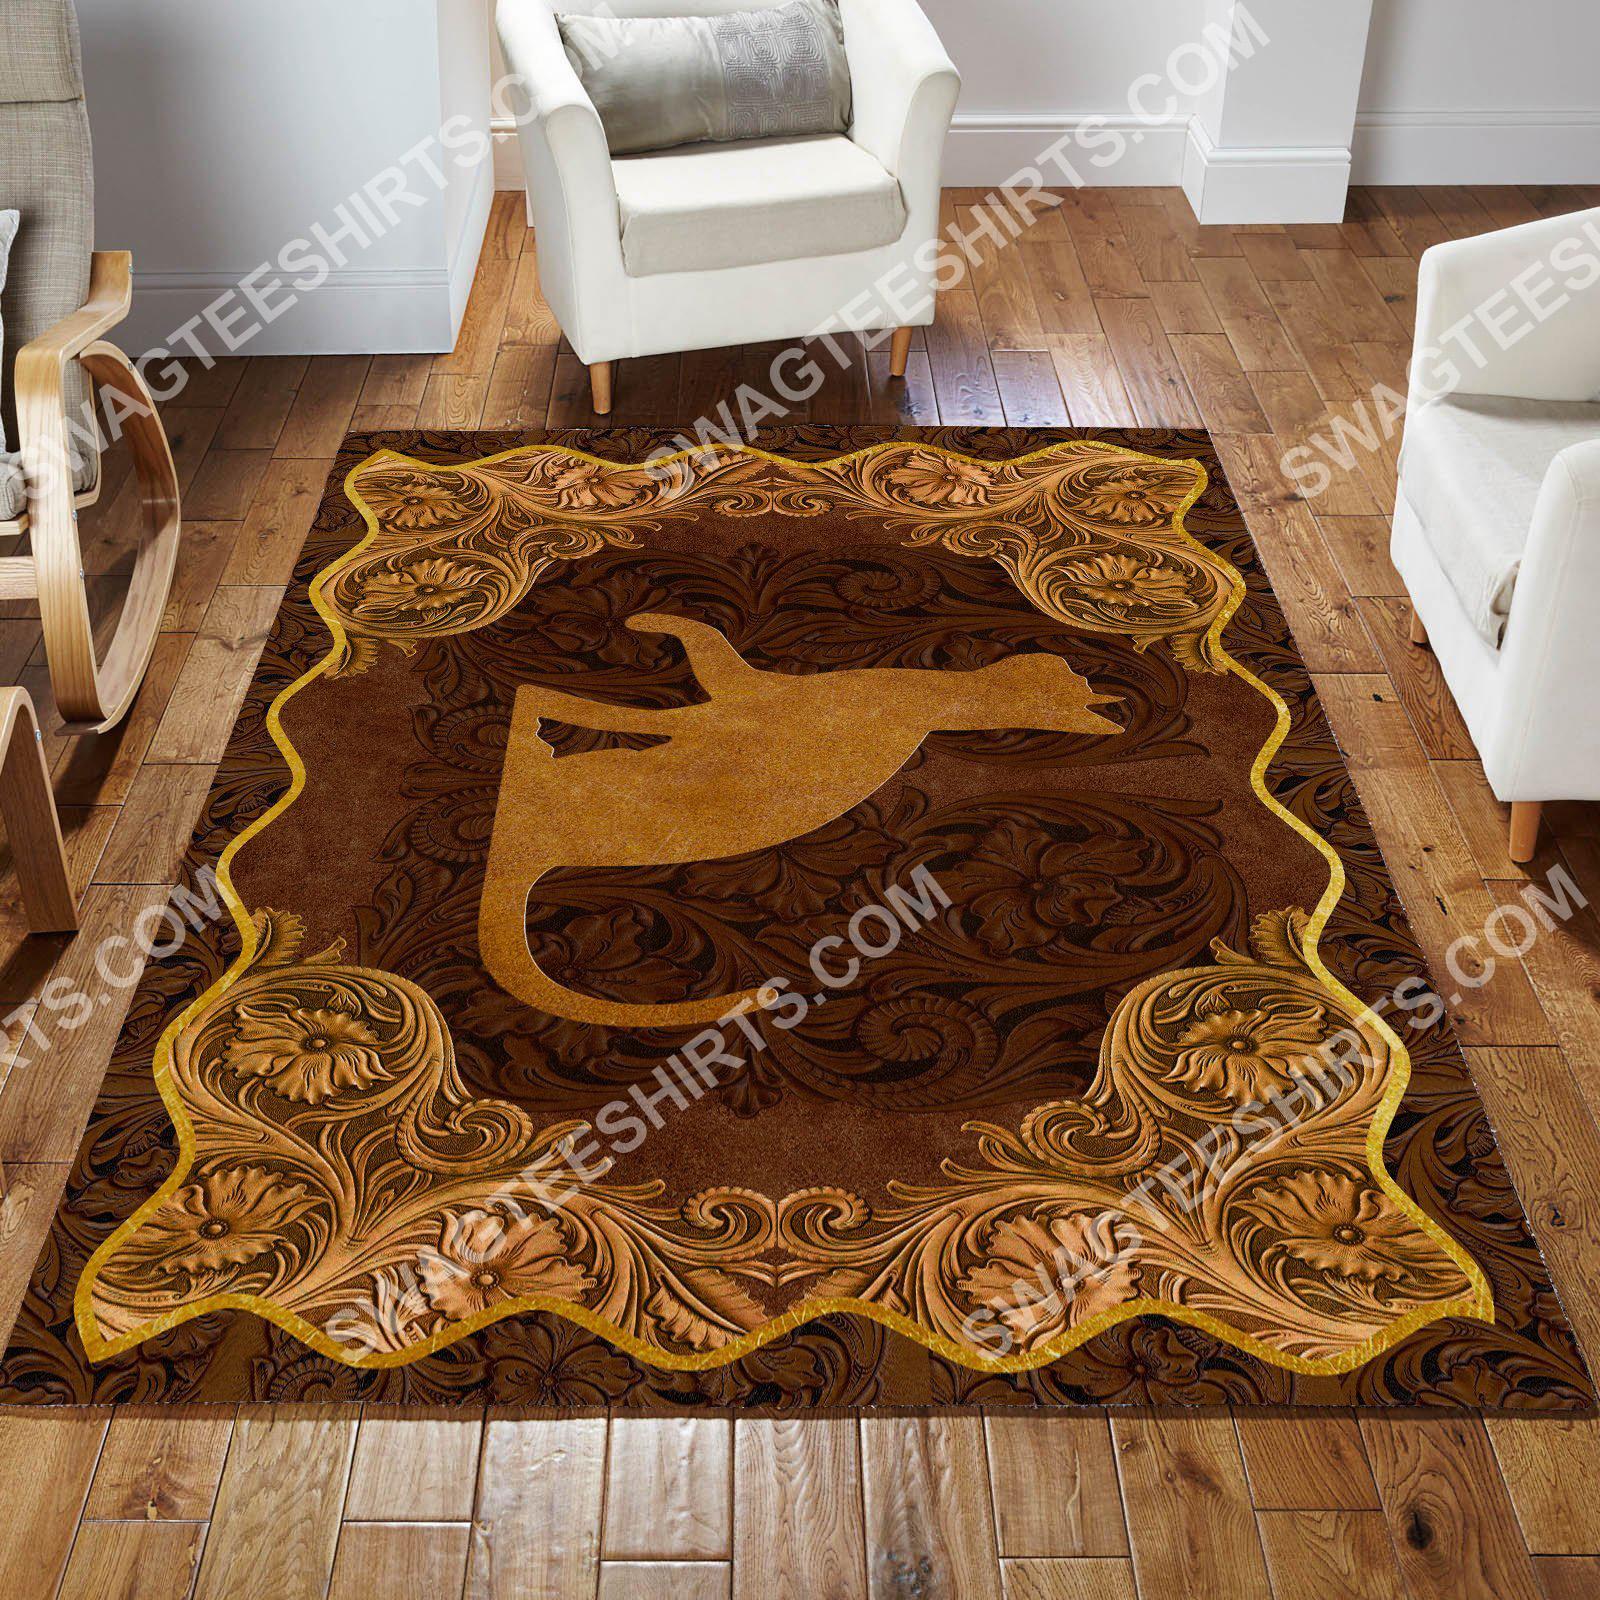 vintage cat antique golden all over printed rug 4(1)